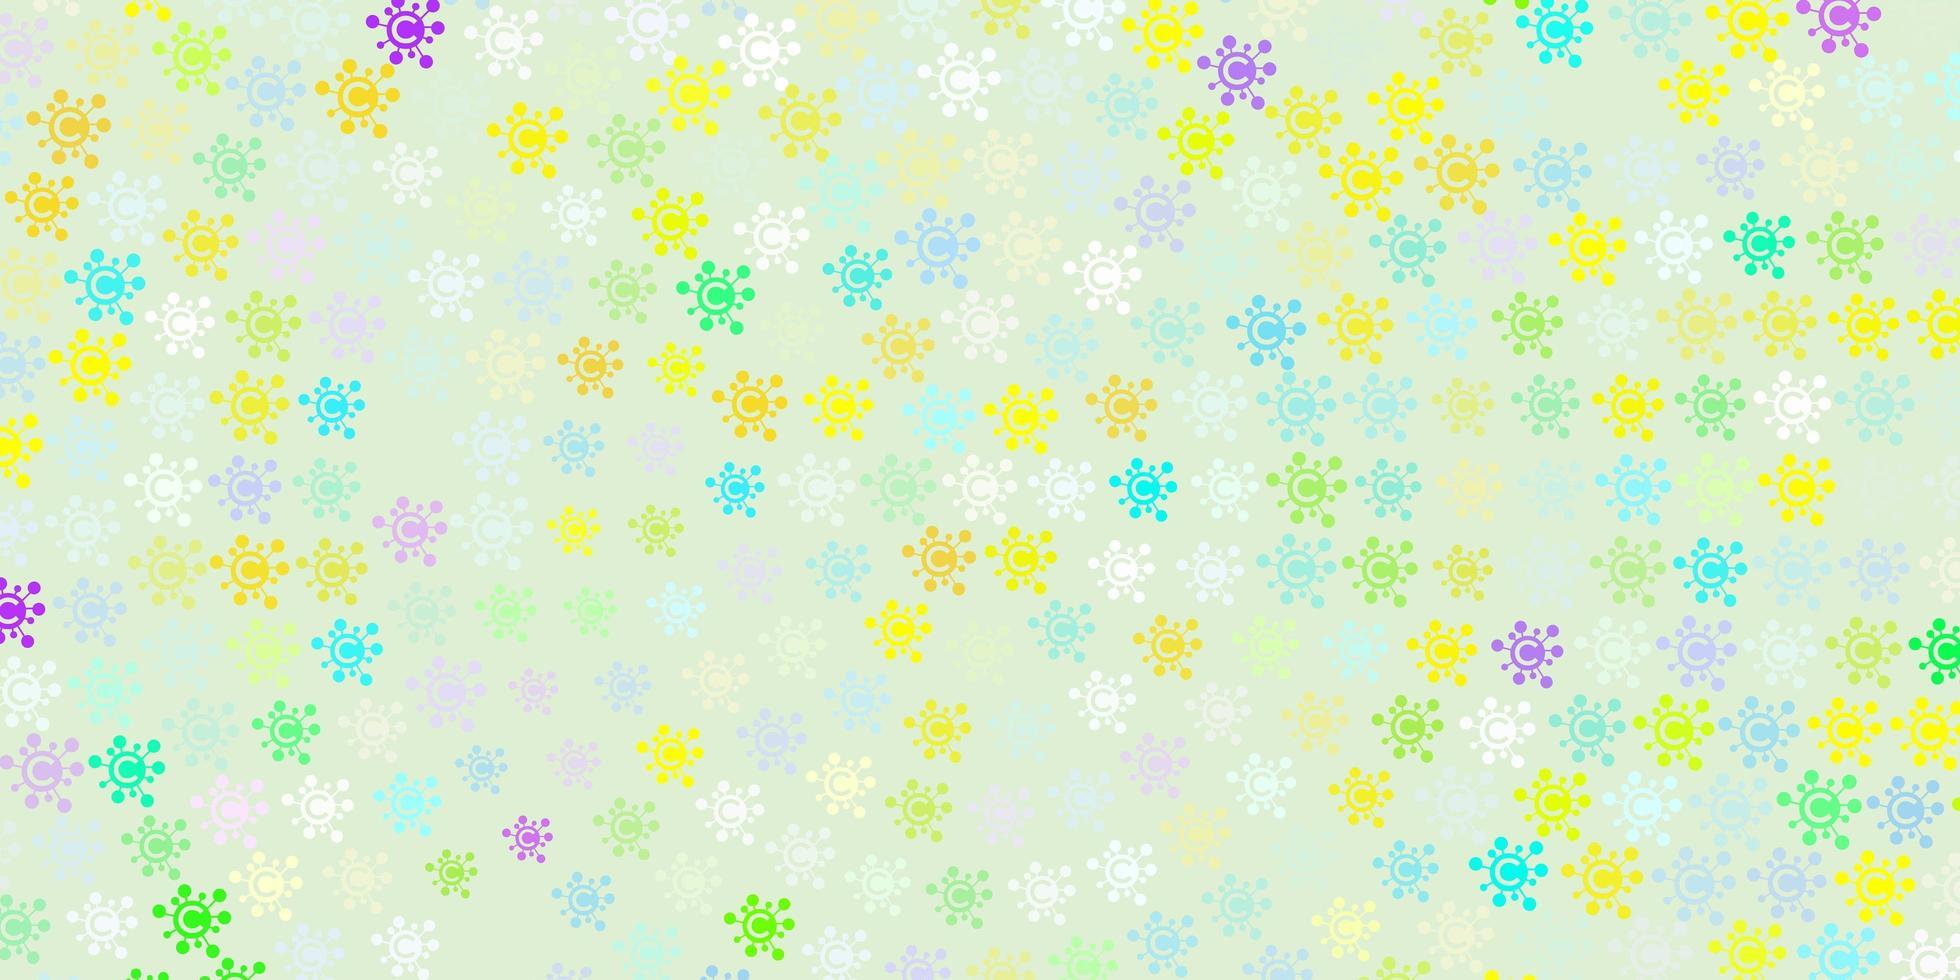 fundo claro multicolorido com símbolos covid-19 vetor